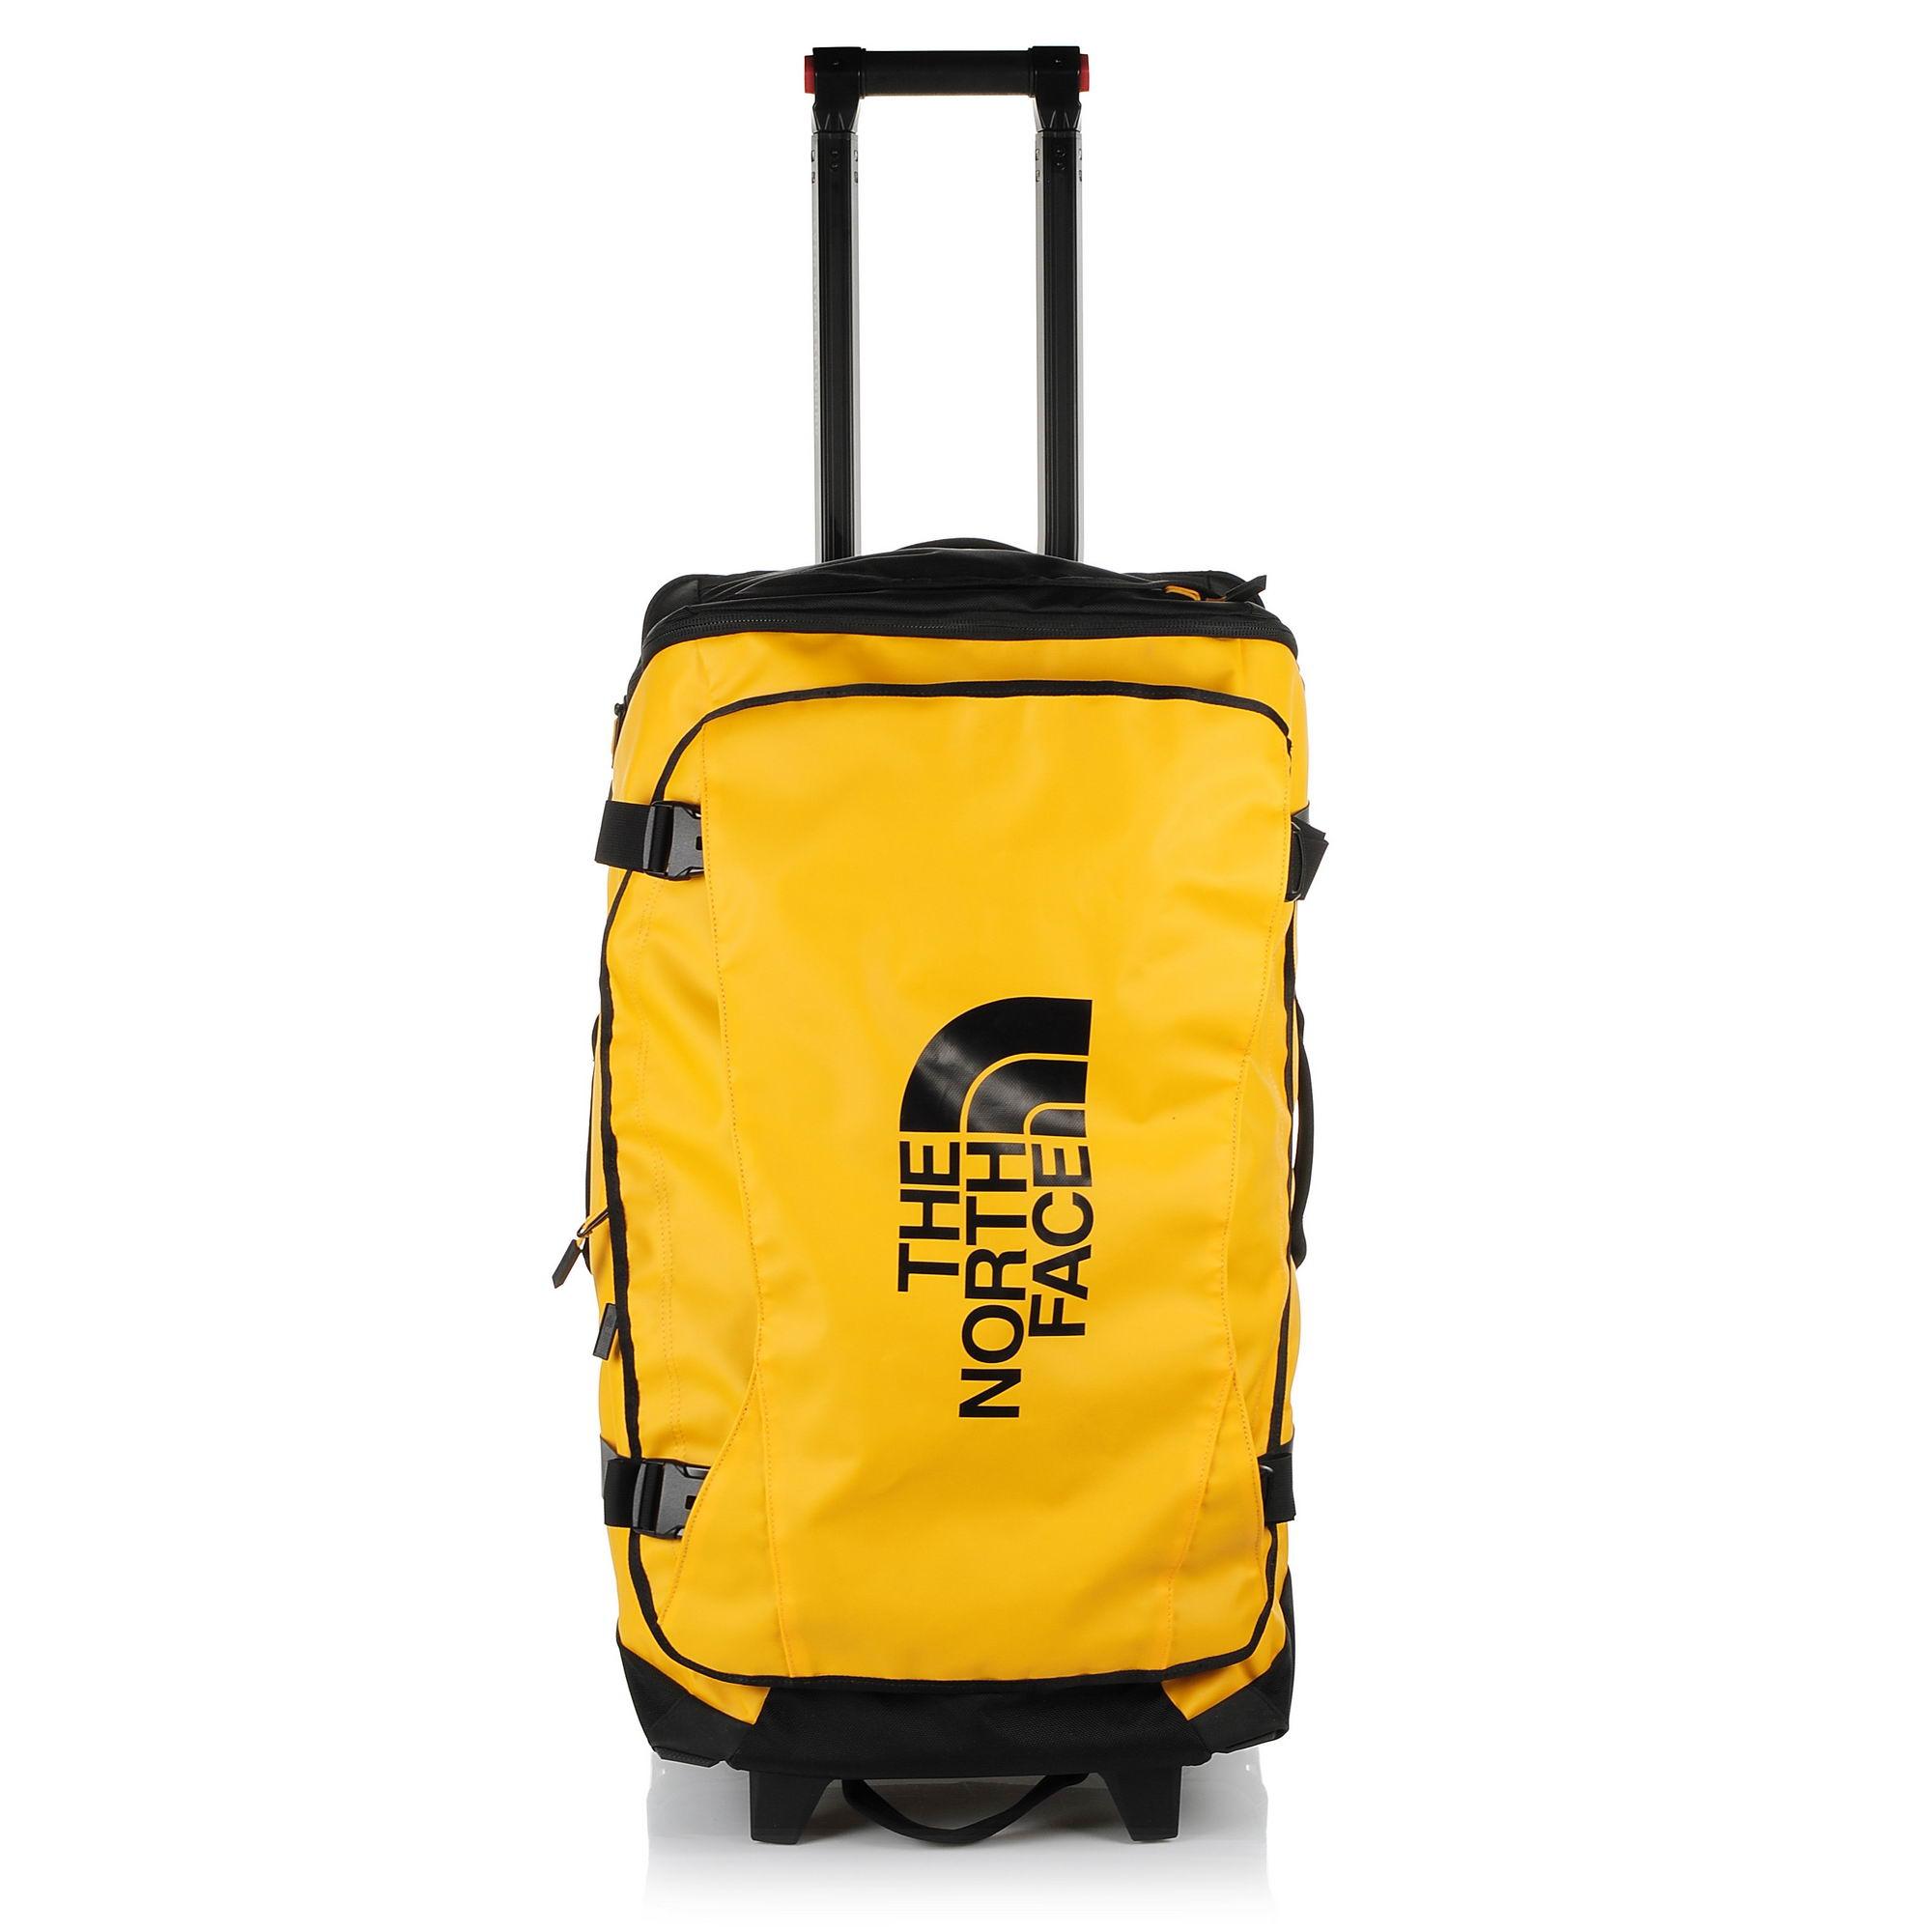 Βαλίτσα Μαλακή The North Face Rolling Thunder NF0A3C93 ειδη ταξιδιου   βαλίτσα soft